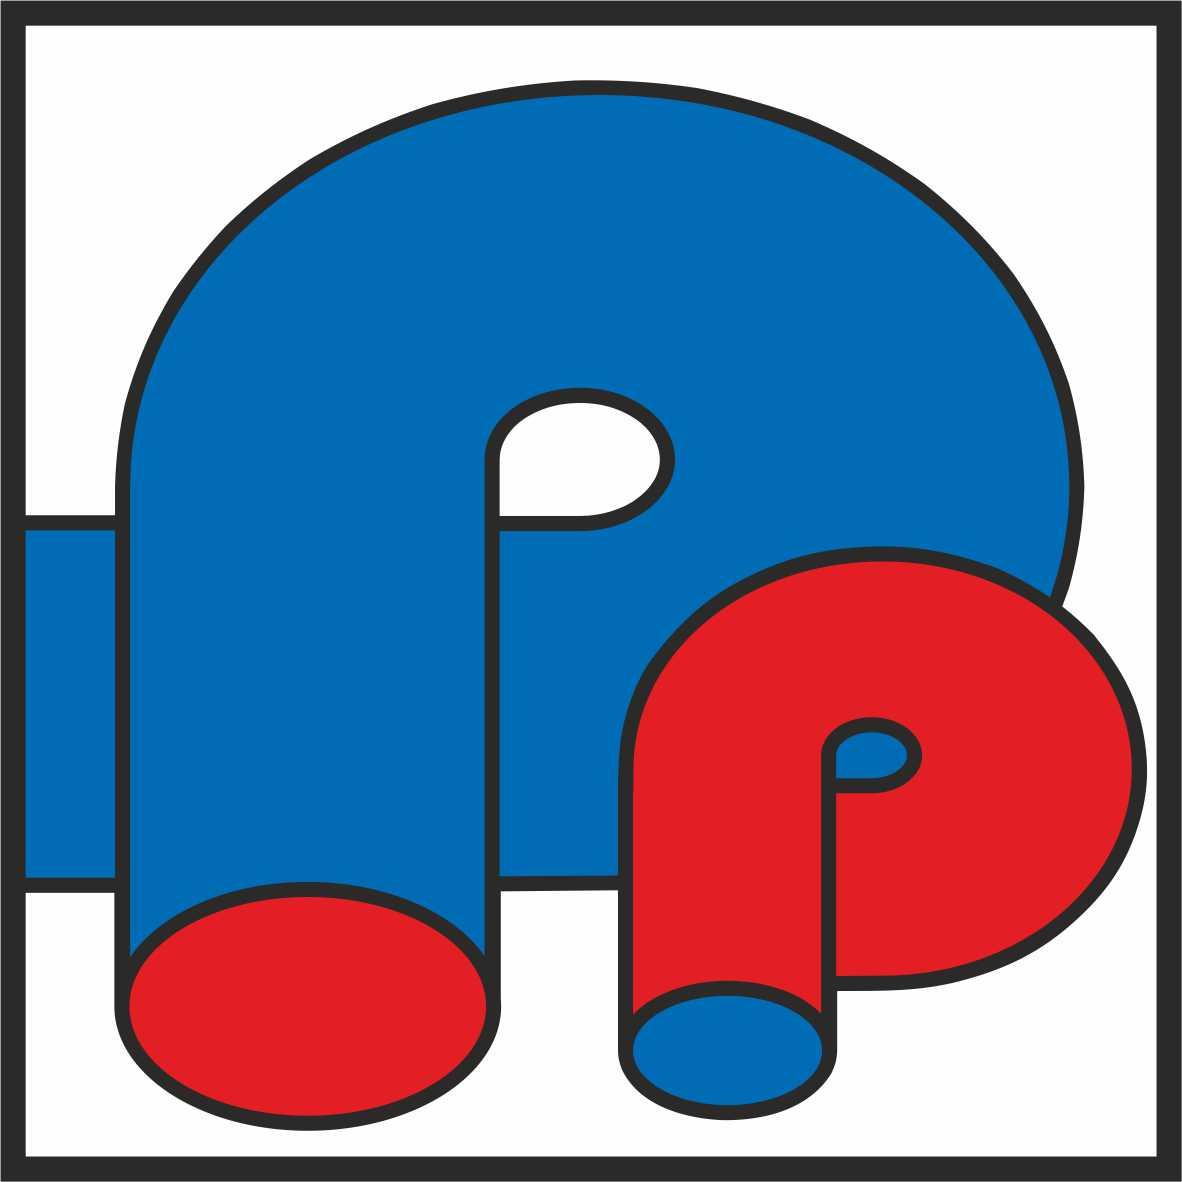 23-26 maj 2017 PLASTPOL - Międzynarodowe Targi Przetwórstwa Tworzyw Sztucznych i Gumy